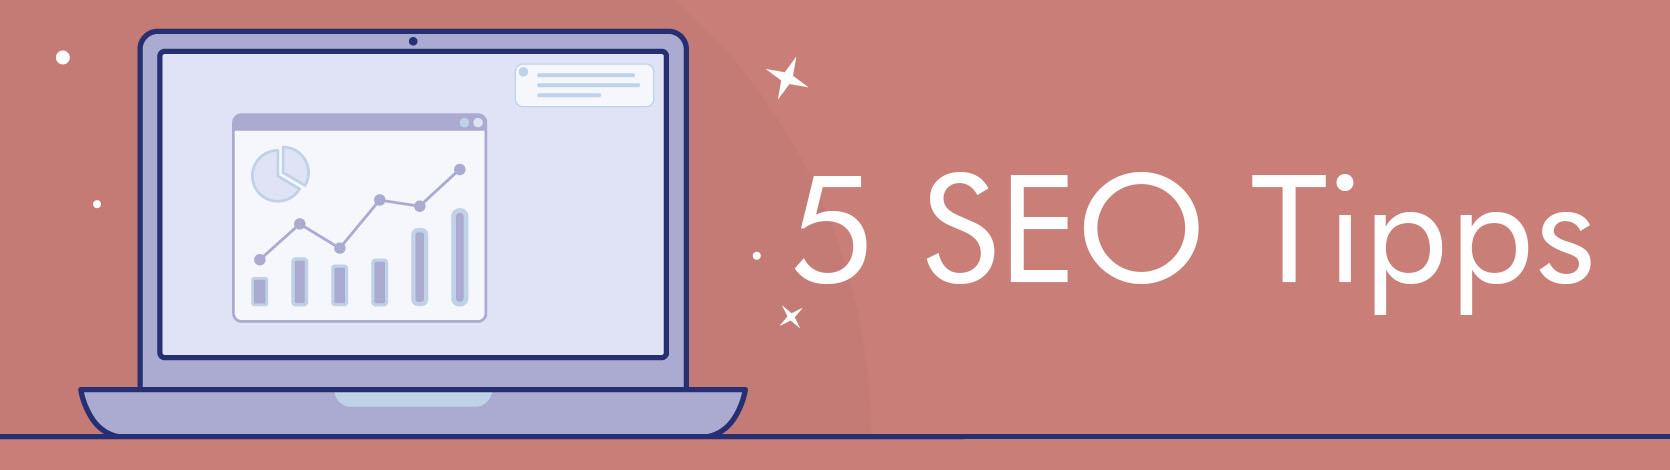 5 SEO Tipps Header